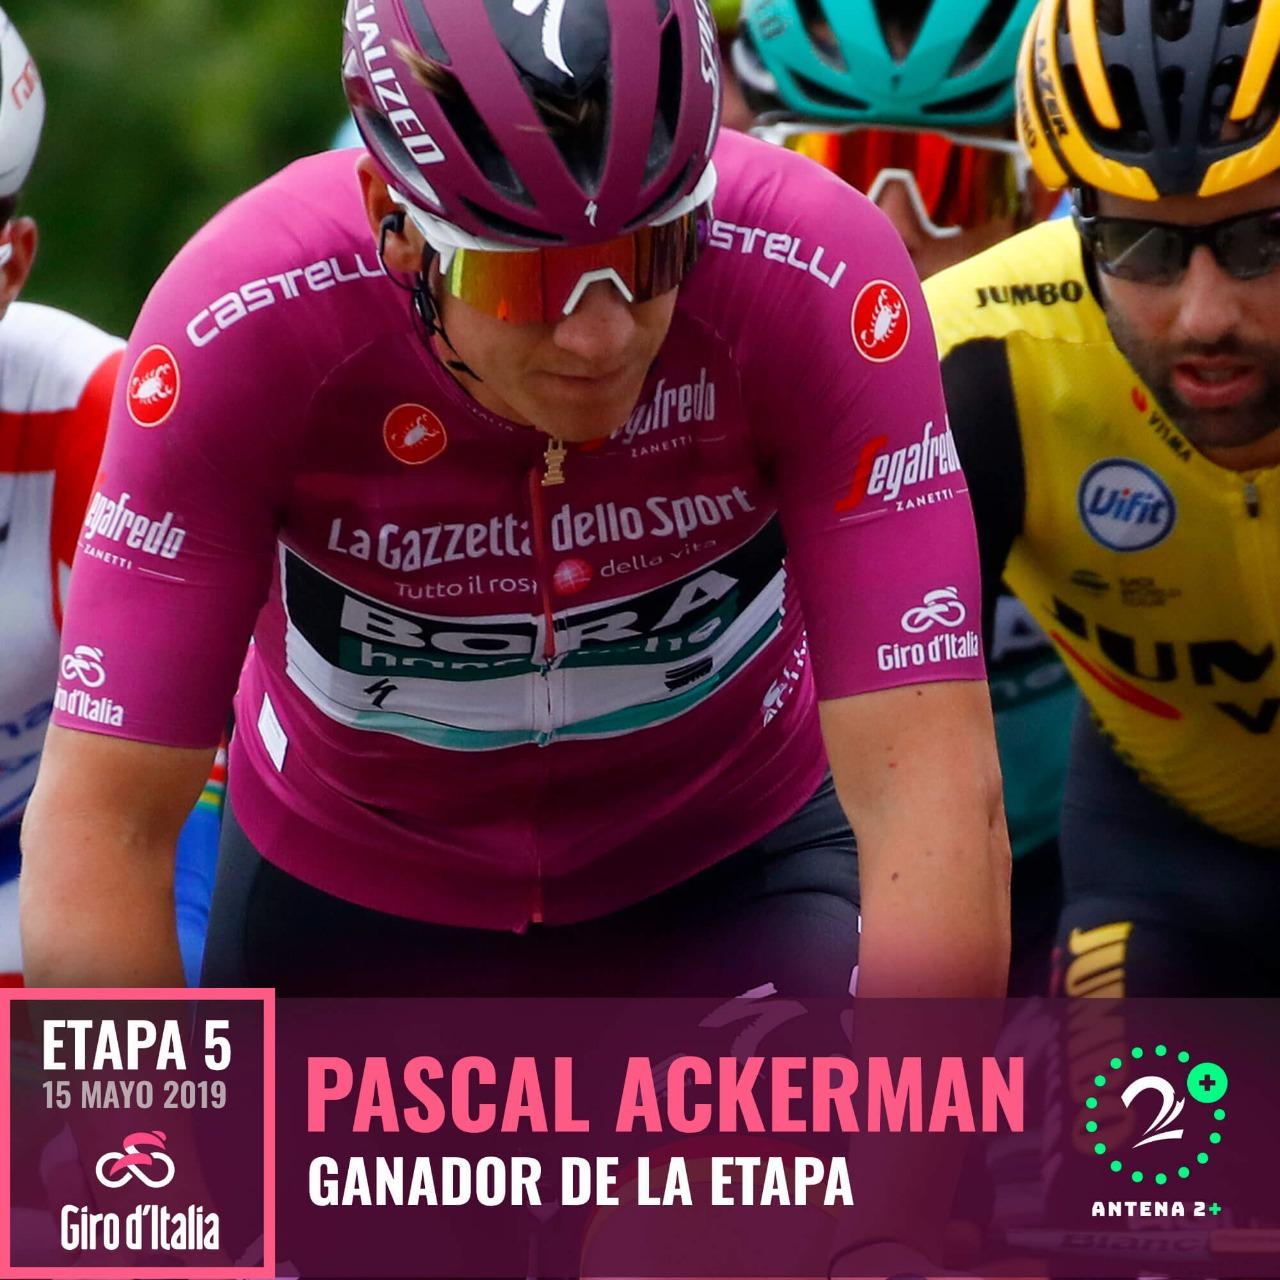 Pascal Ackermann, ganador de la quinta etapa del Giro de Italia 2019